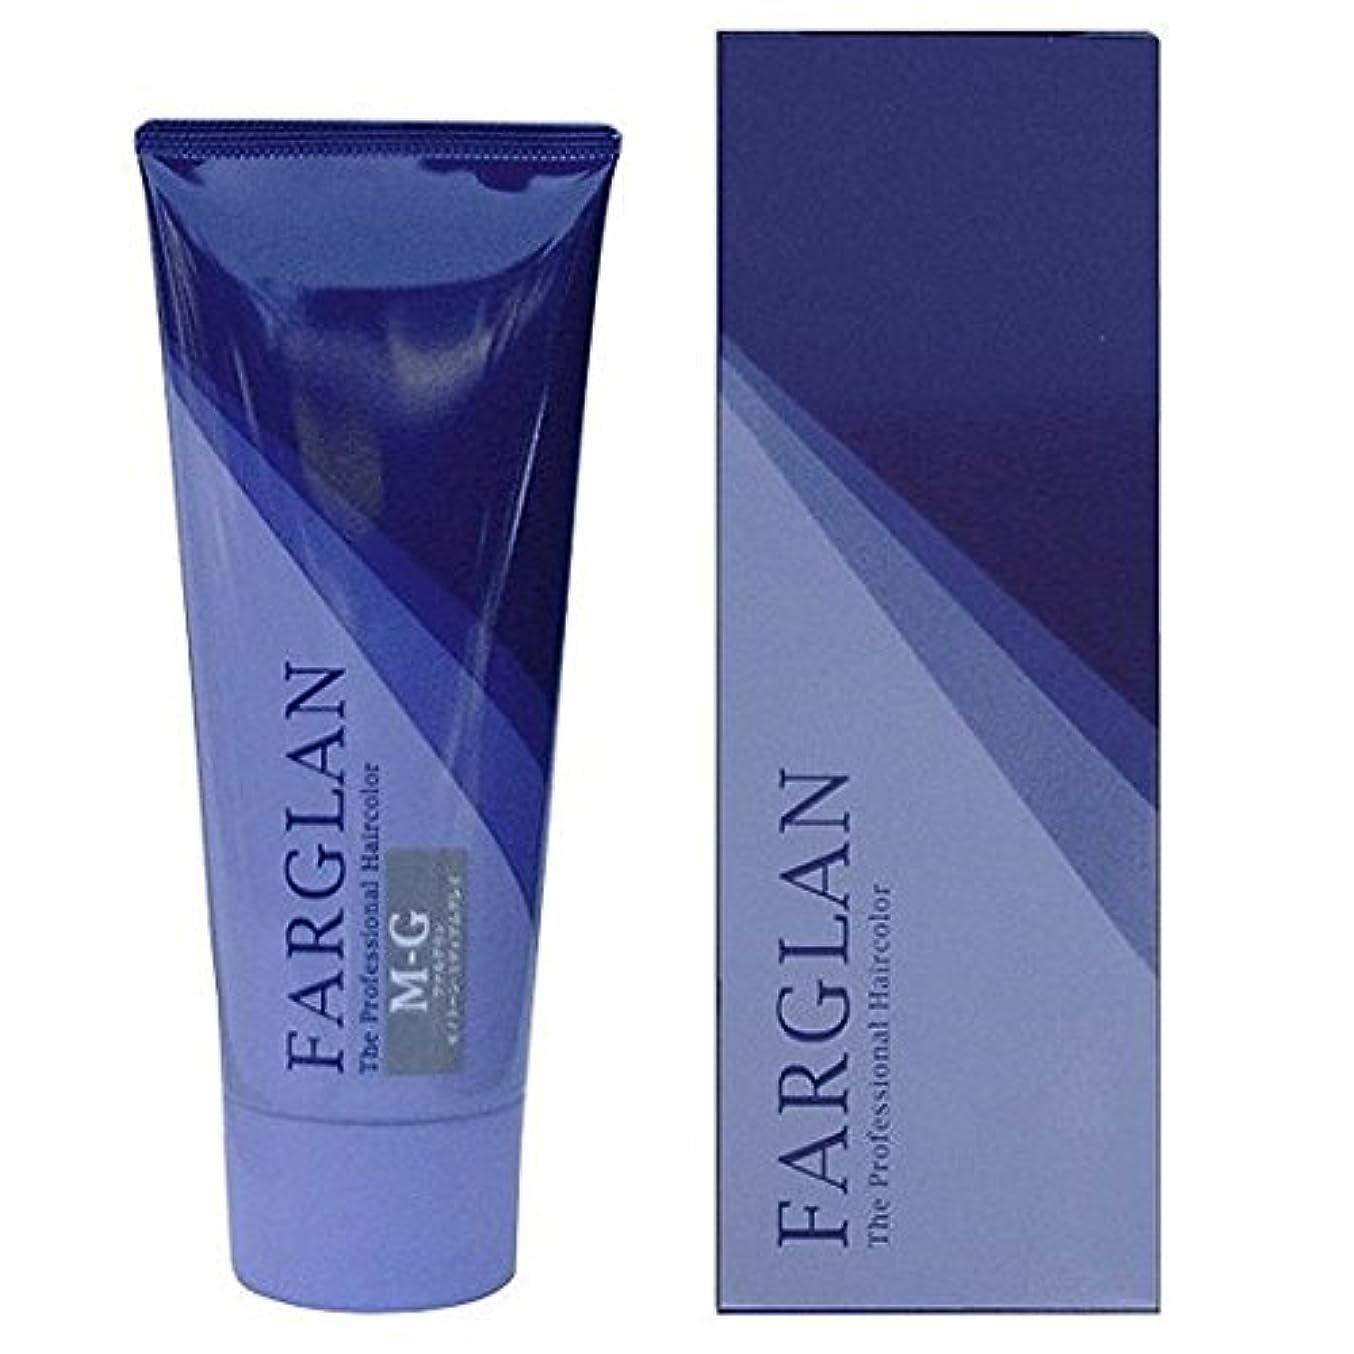 正規化肥料含意FARGLAN(ファルグラン) ヘアカラー YL(YELLOW) 160g